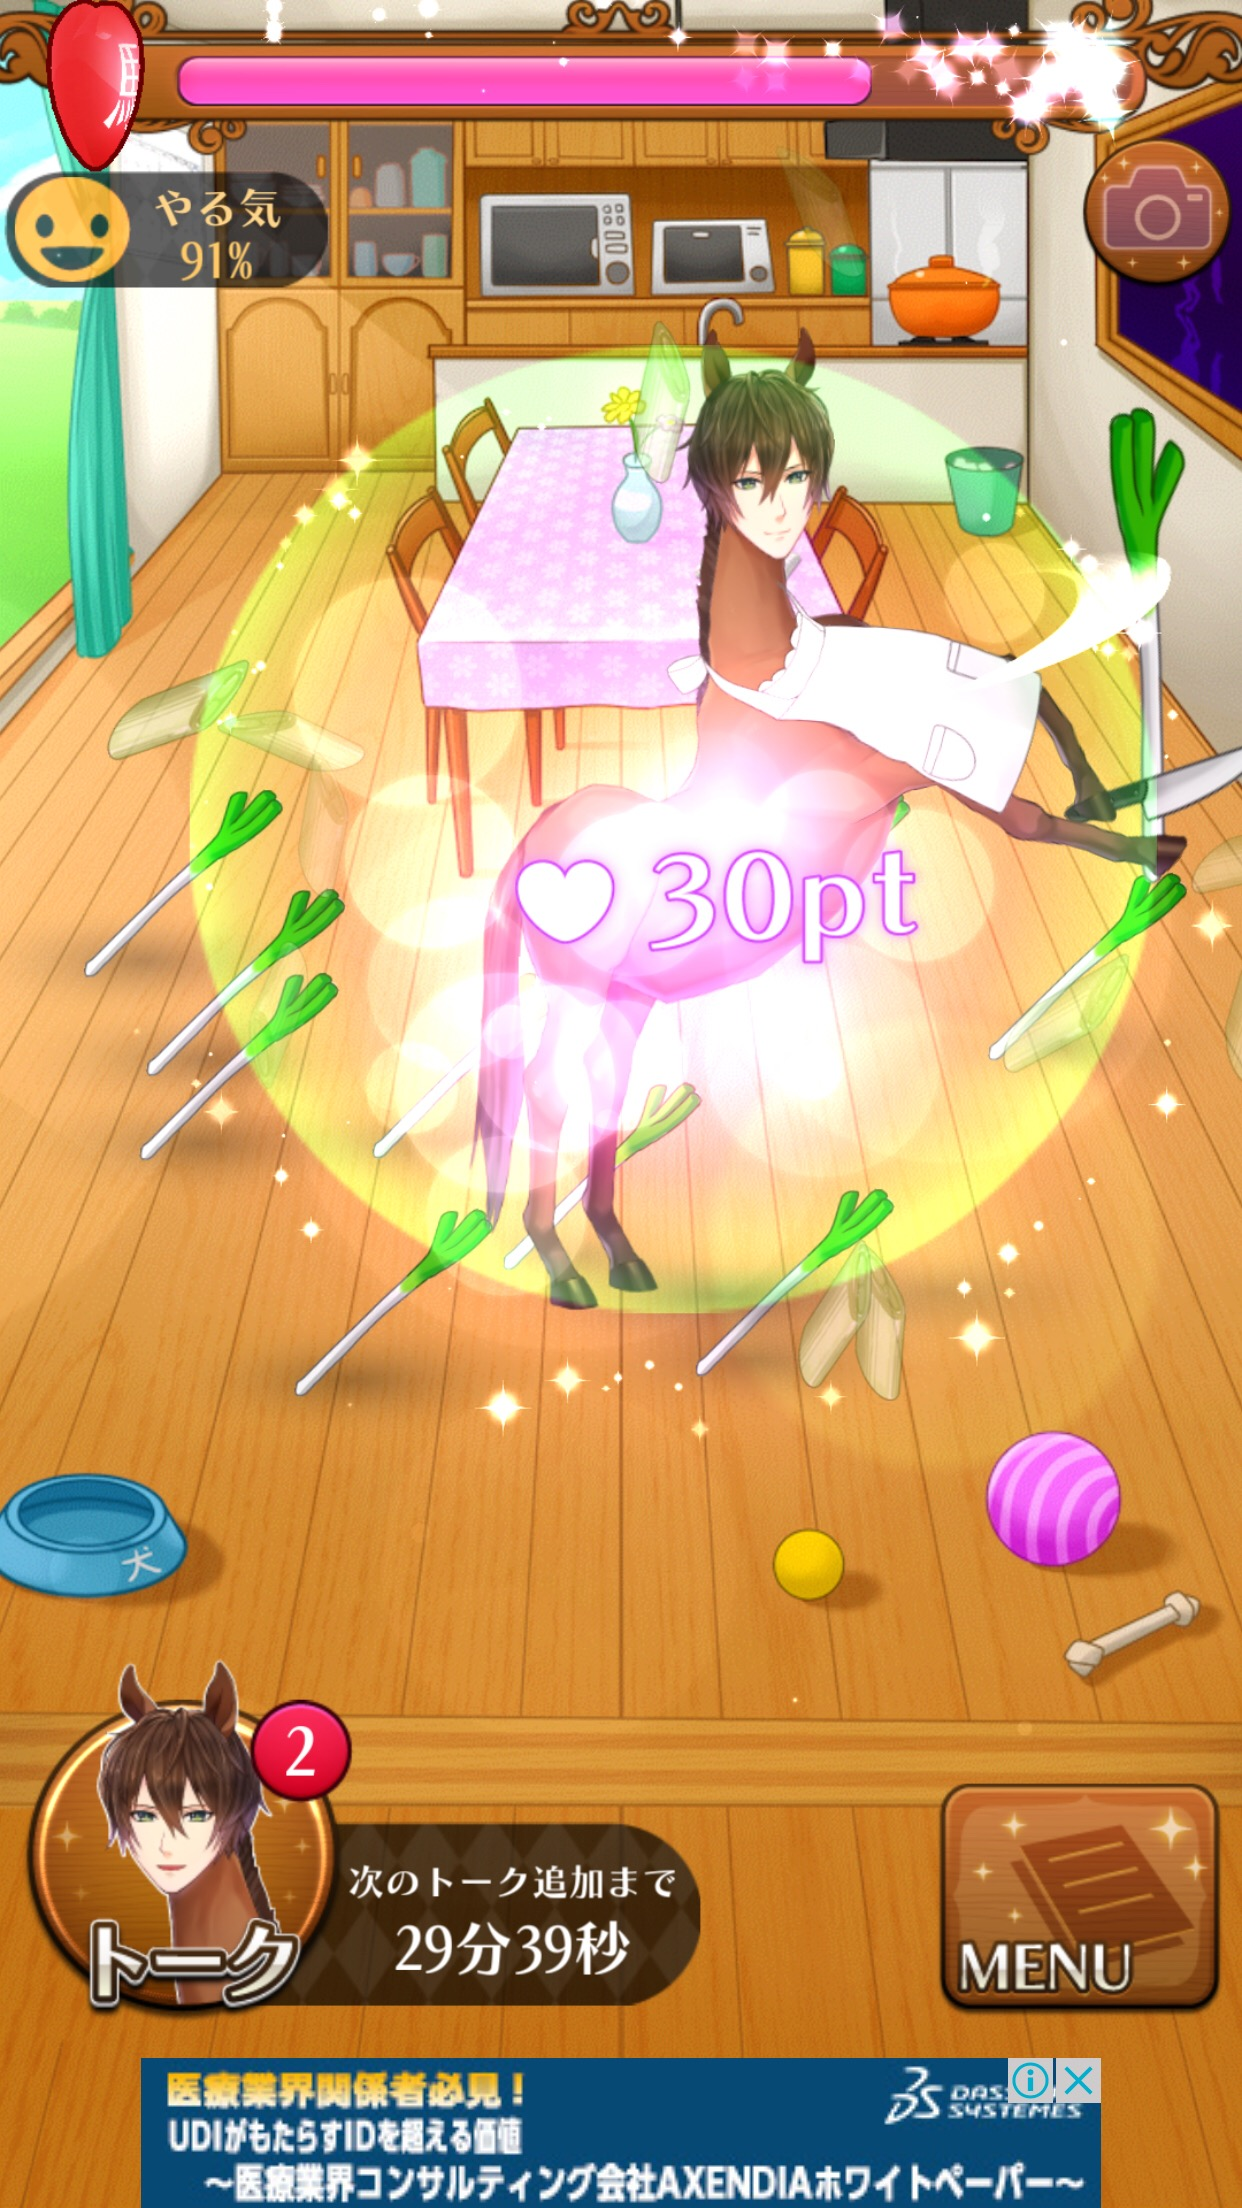 Paras japanilainen dating Sims